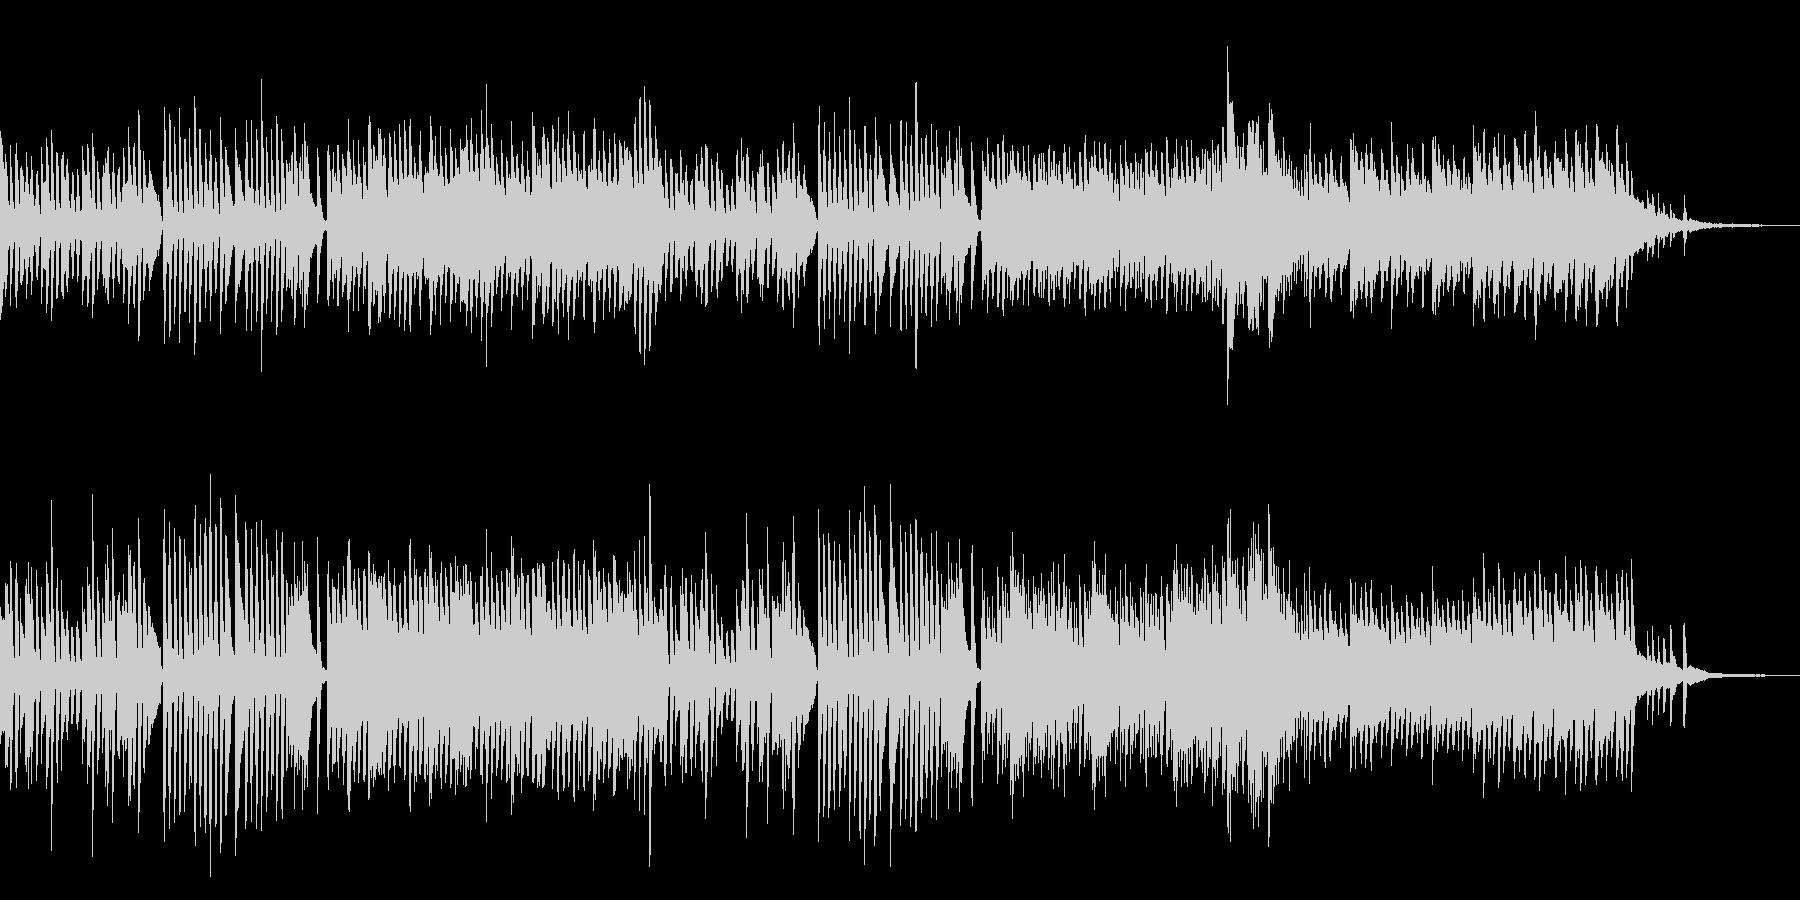 いたずらしているようなピアノ曲の未再生の波形